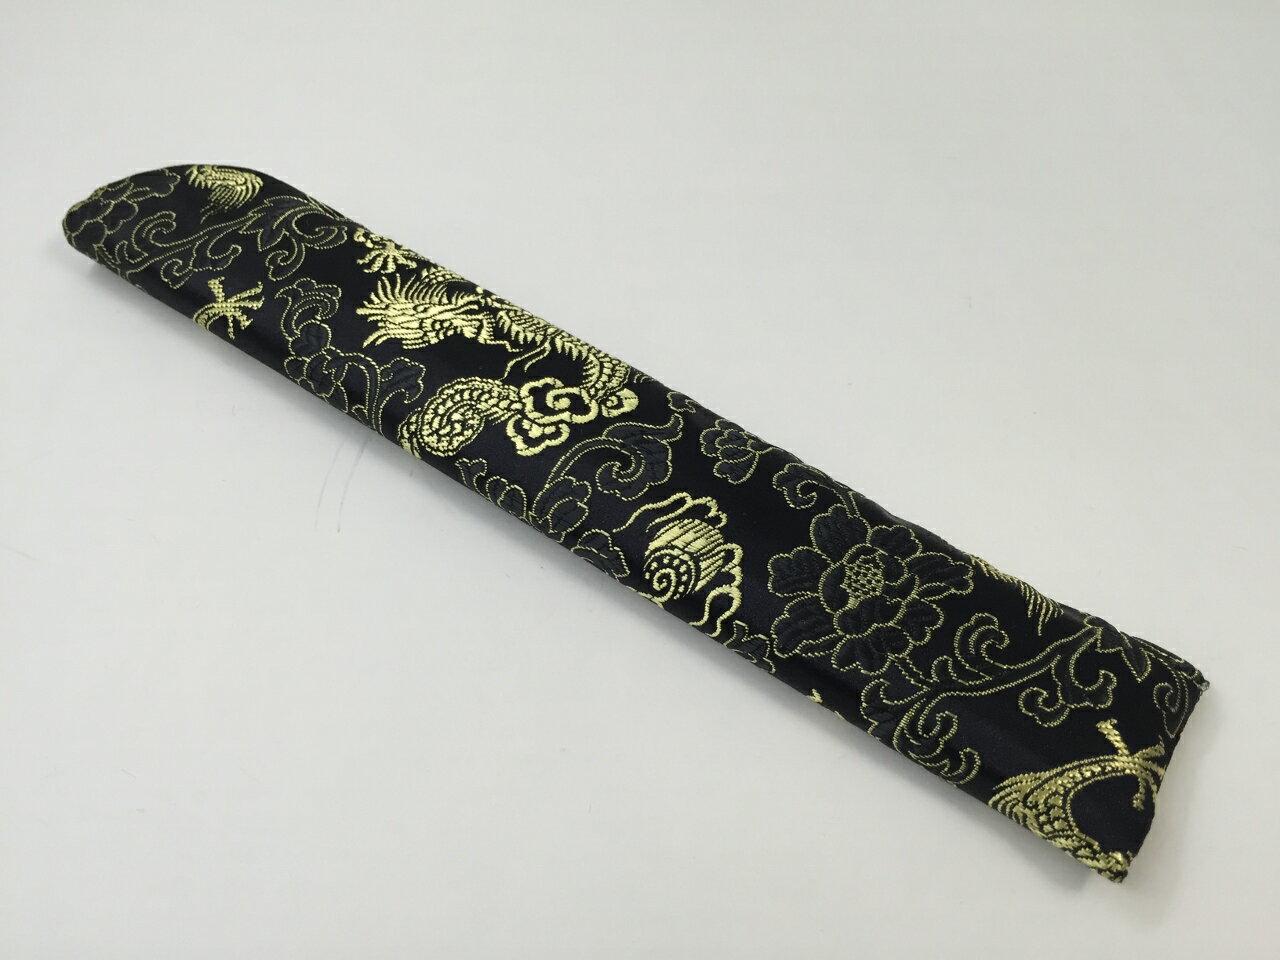 金龍 刺繍扇子入れ(1650) 24cmの紹介画像2